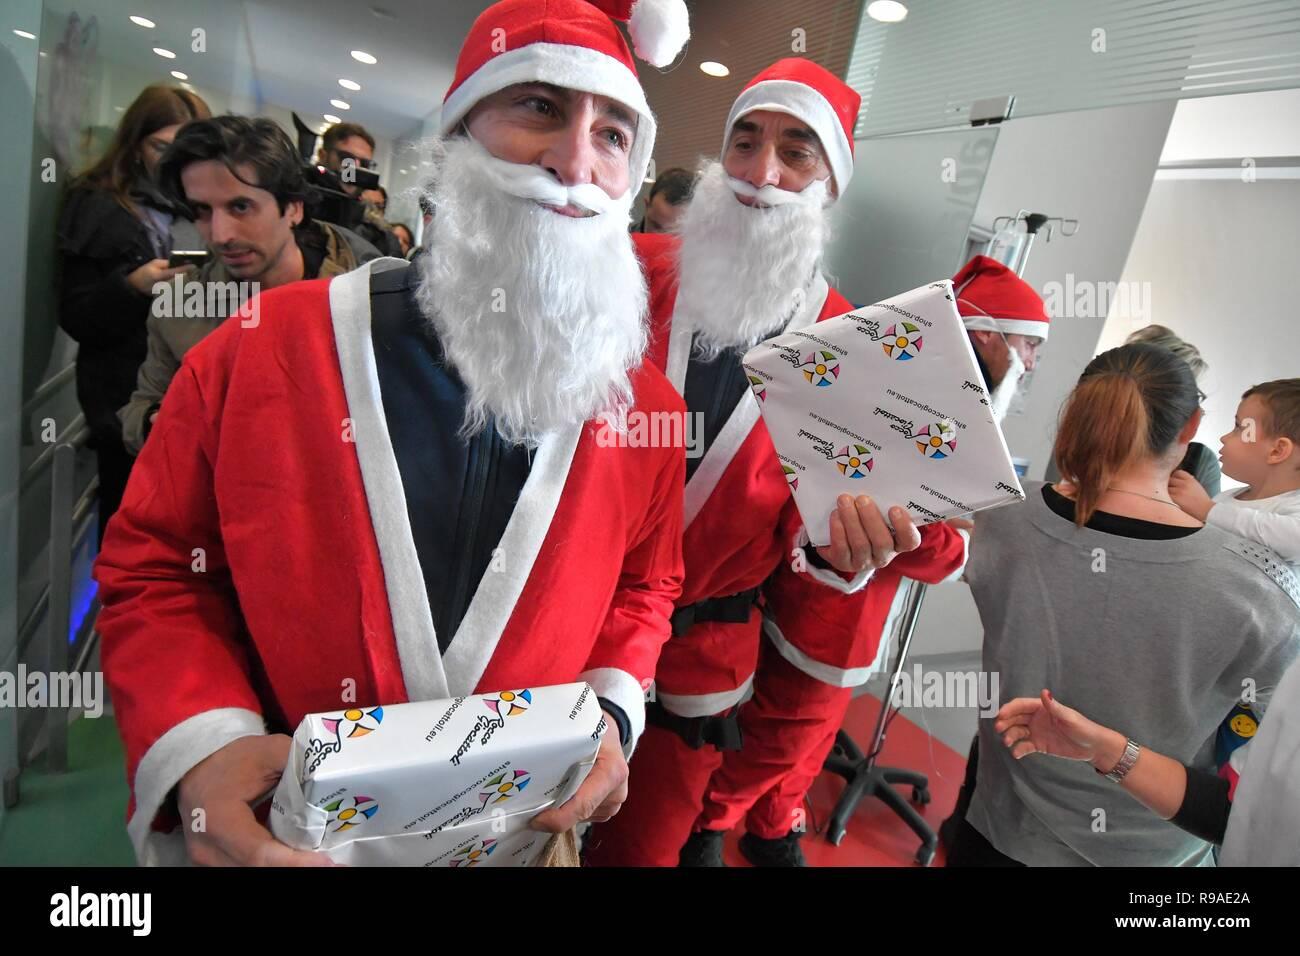 Andare Da Babbo Natale.Foto Lapresse Daniele Leone21 12 18 Roma Ita Cronaca Roma Roma Babbi Natale Noc Si Calano